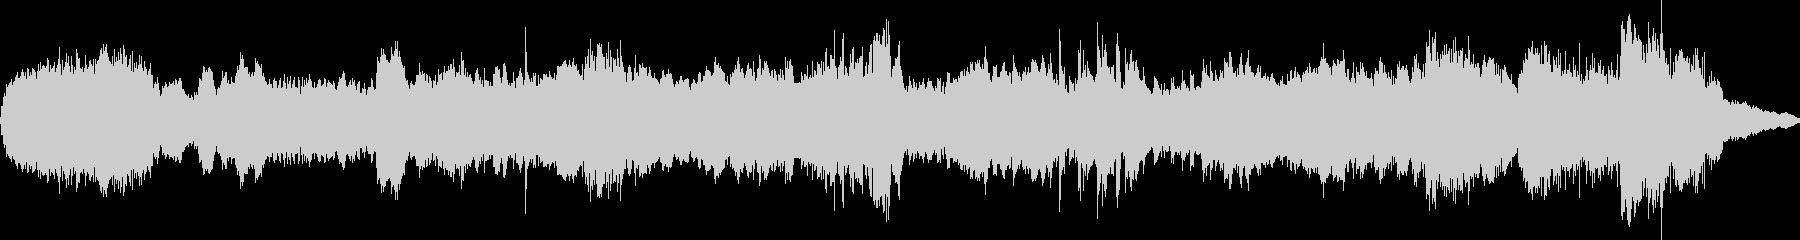 美メロとガツンとギターが混交する交響曲の未再生の波形